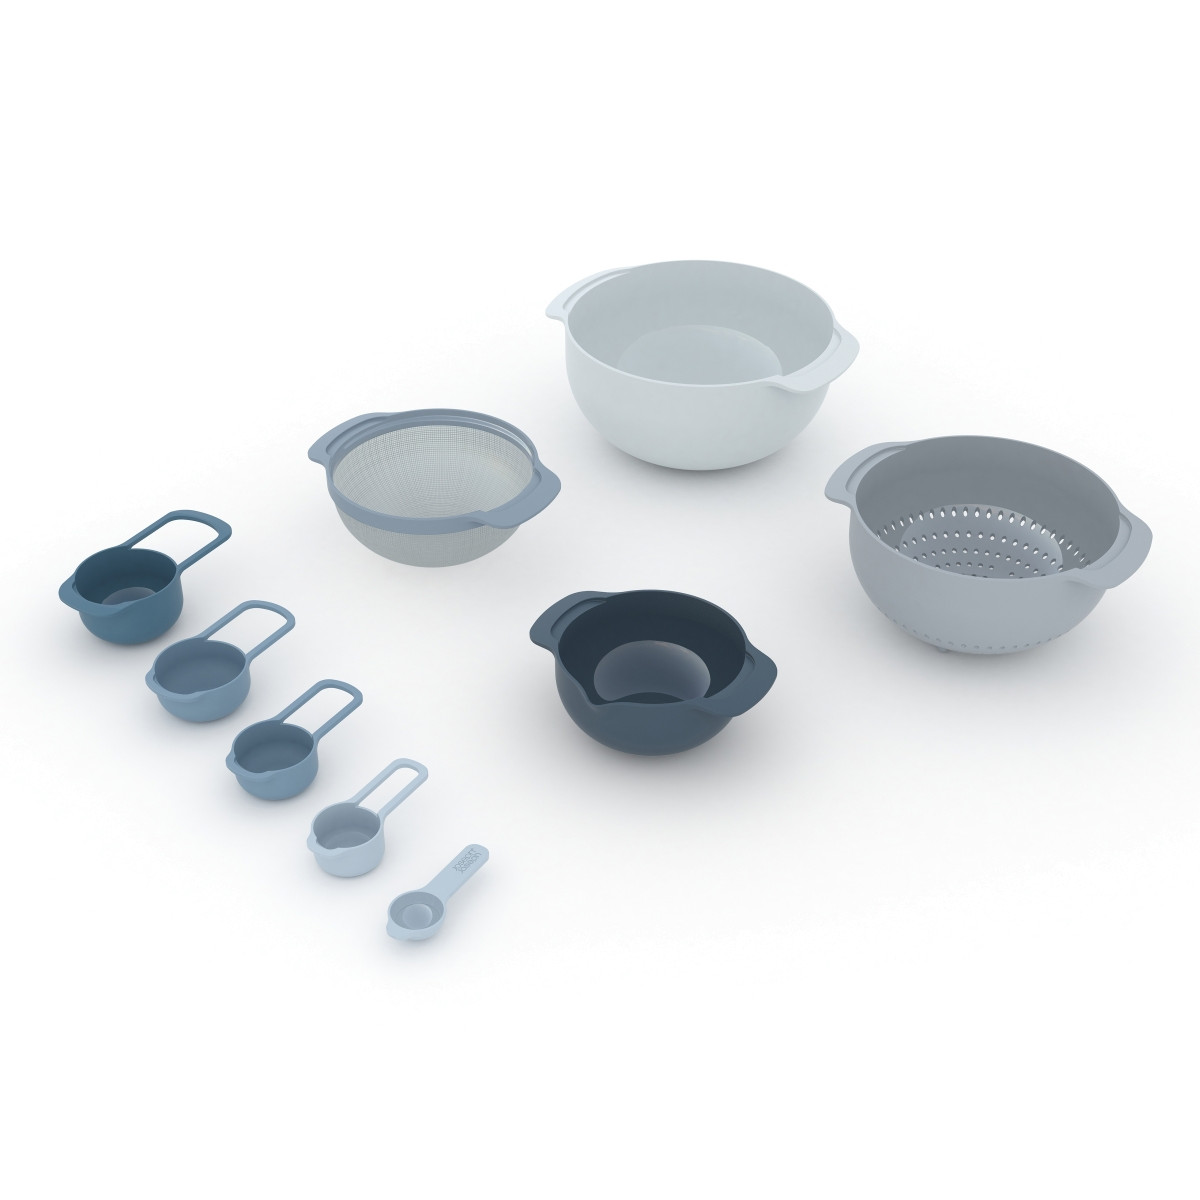 Rührschüsseln & Messbecher Nest-Set mit 9 Stück   Blau